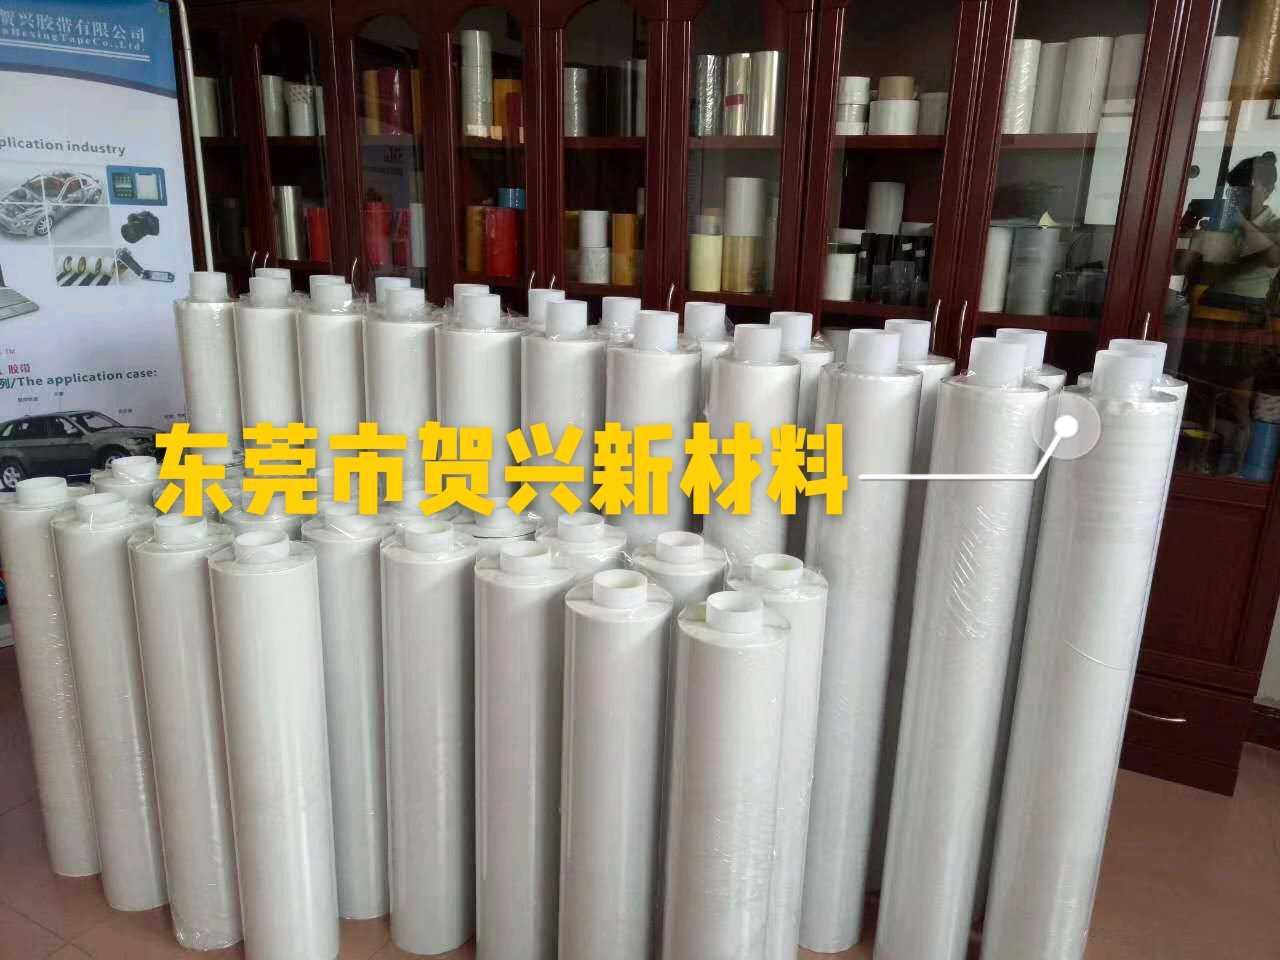 超薄超精准防水泡棉胶带,防滑、防震、耐老化、密封性高,在高、低温环境下有良好的粘着持久性!要求高品质的来???